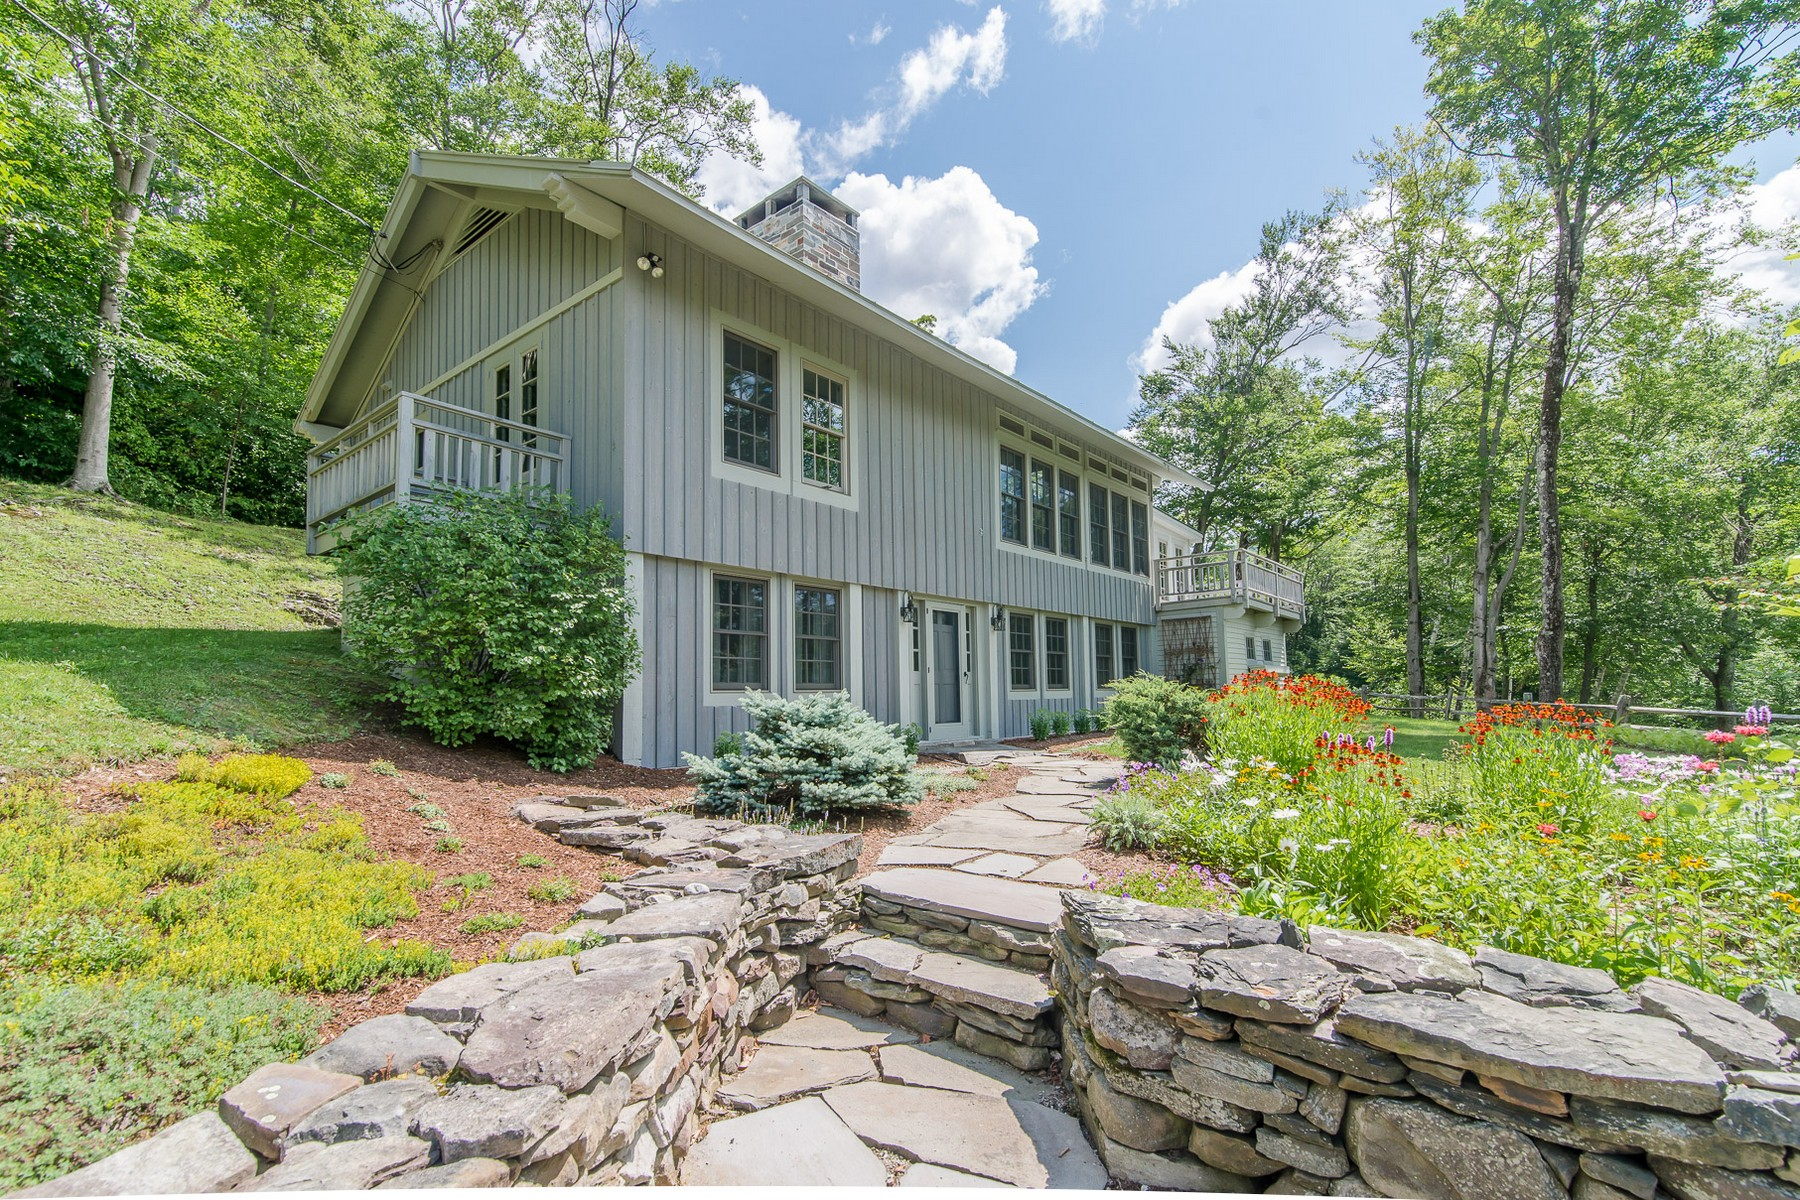 Casa Unifamiliar por un Venta en Decorator Designs 3452 Green Hill Rd Danby, Vermont 05739 Estados Unidos